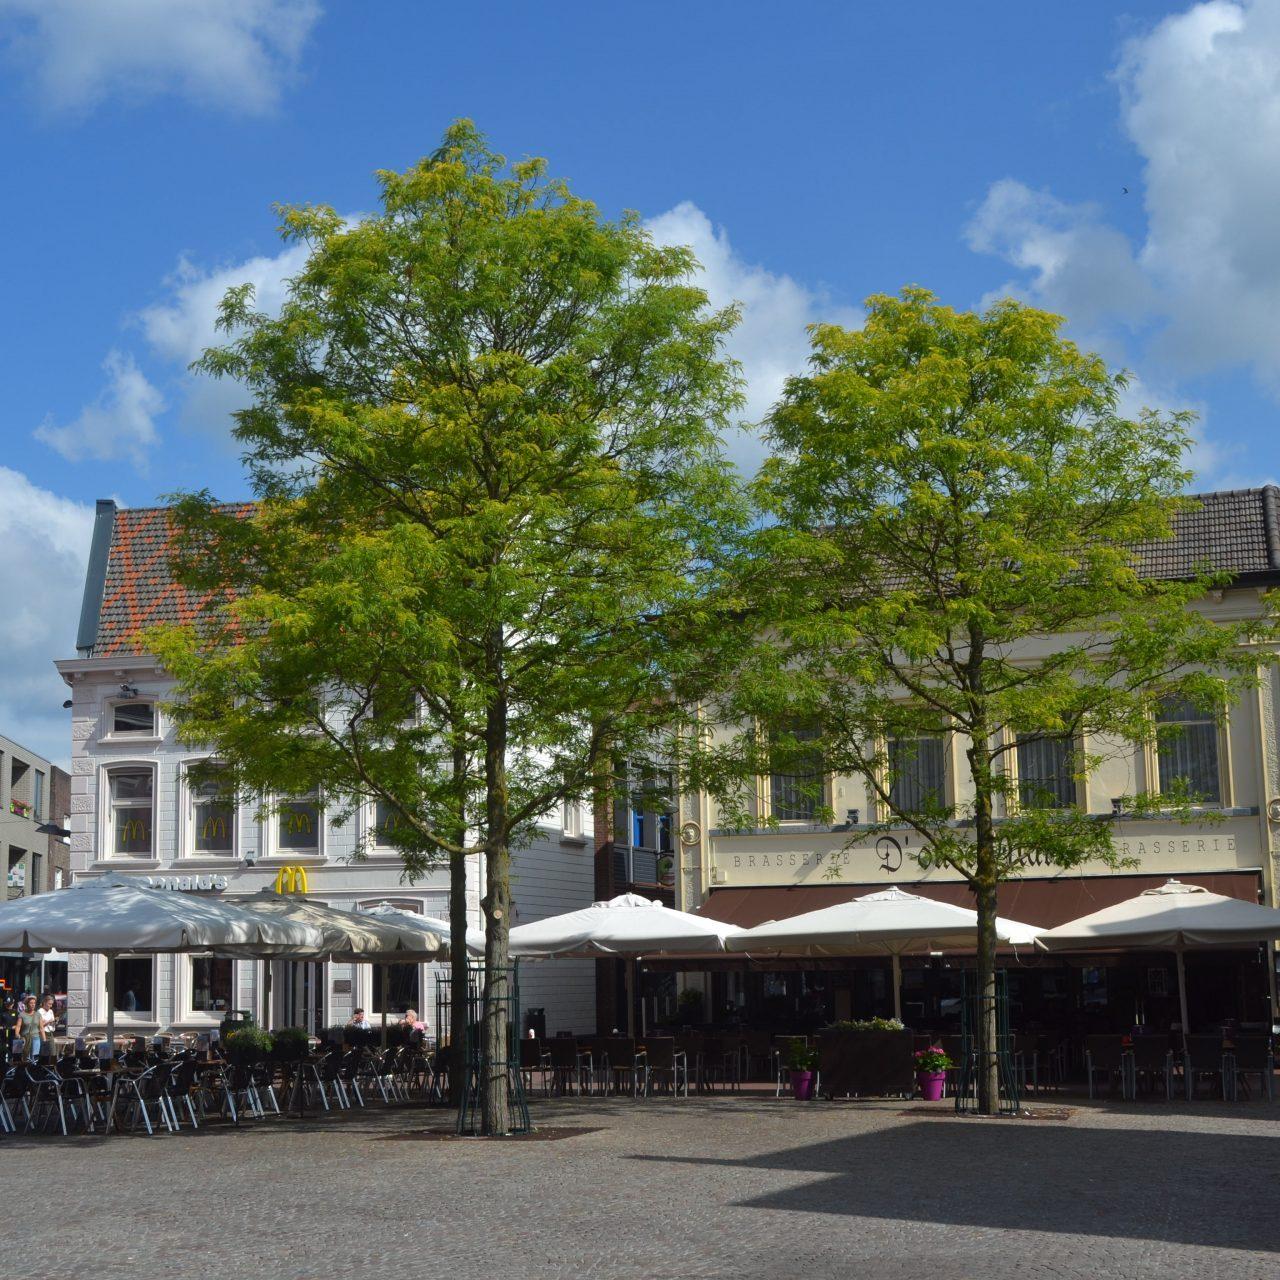 2018-6-14 Weert Oude Markt (8)